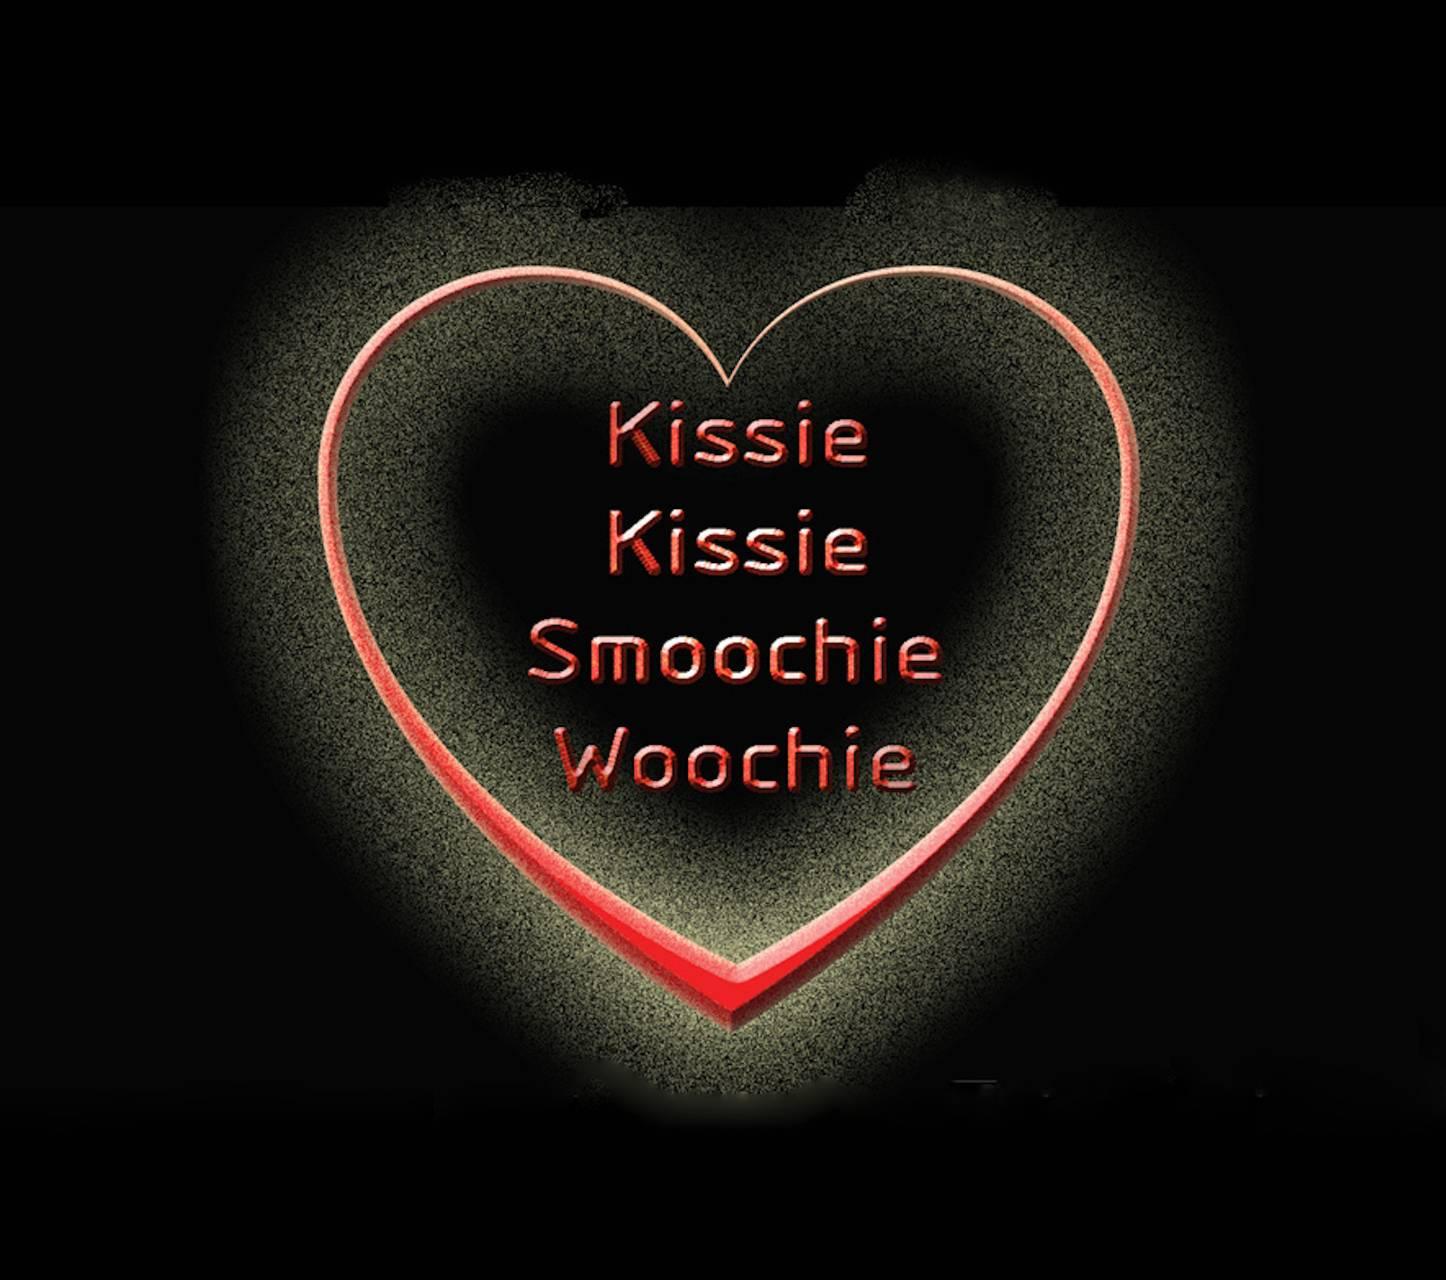 Kissie Kissie